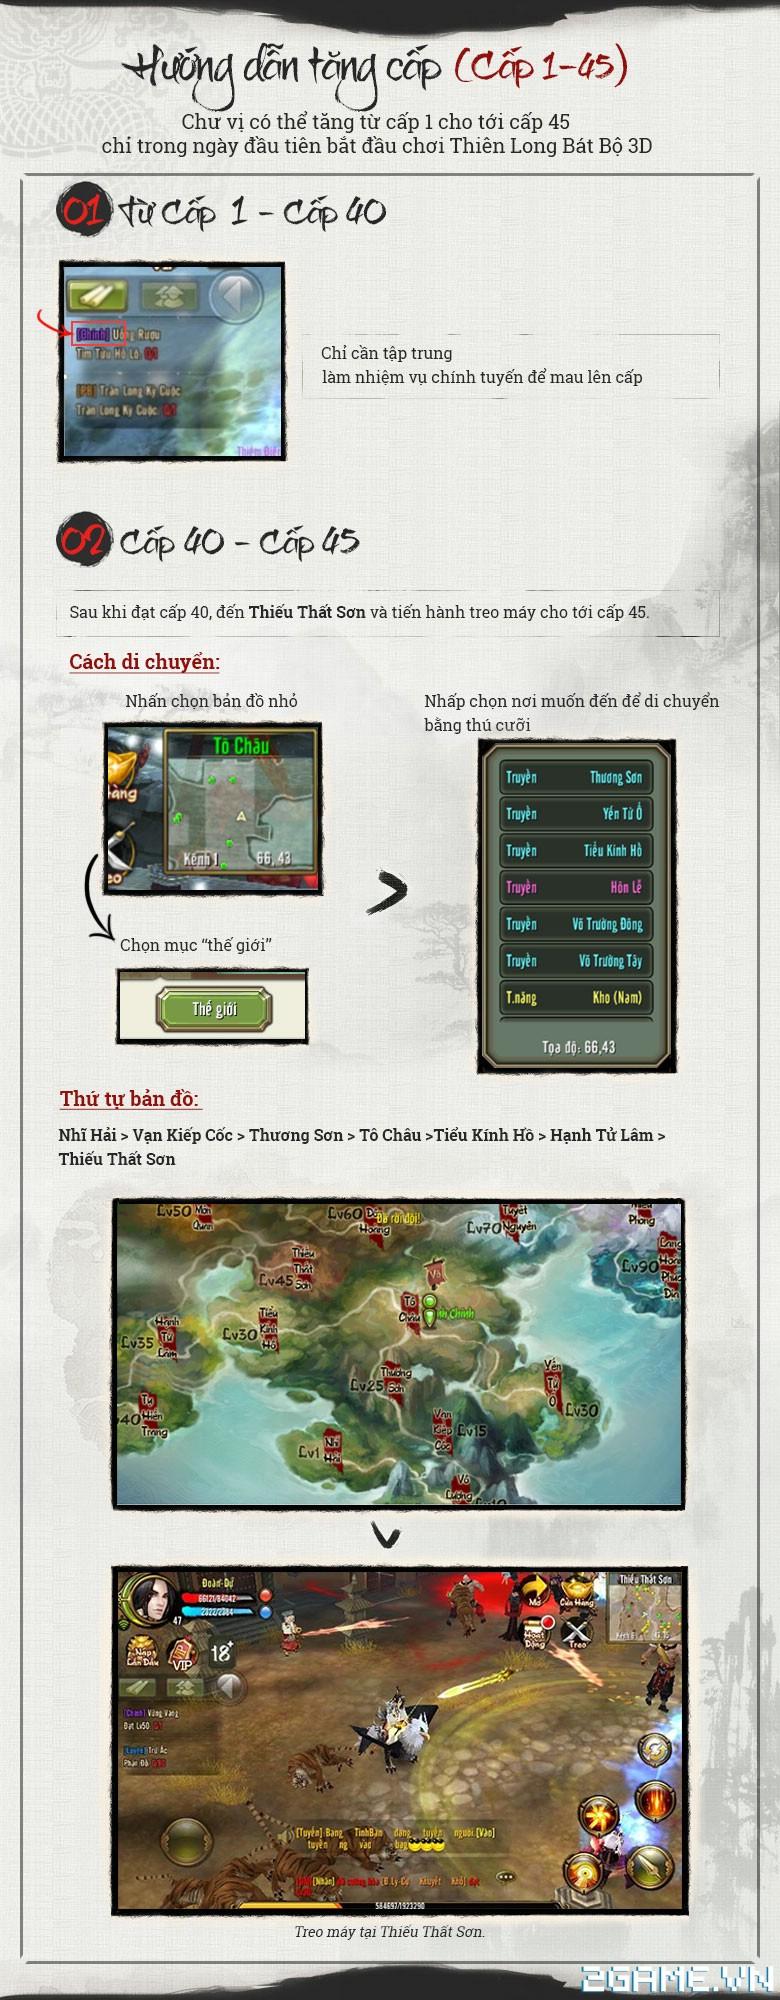 Thiên Long Bát Bộ 3D mobile - Tìm hiểu Cách tăng cấp 1 - 45 0